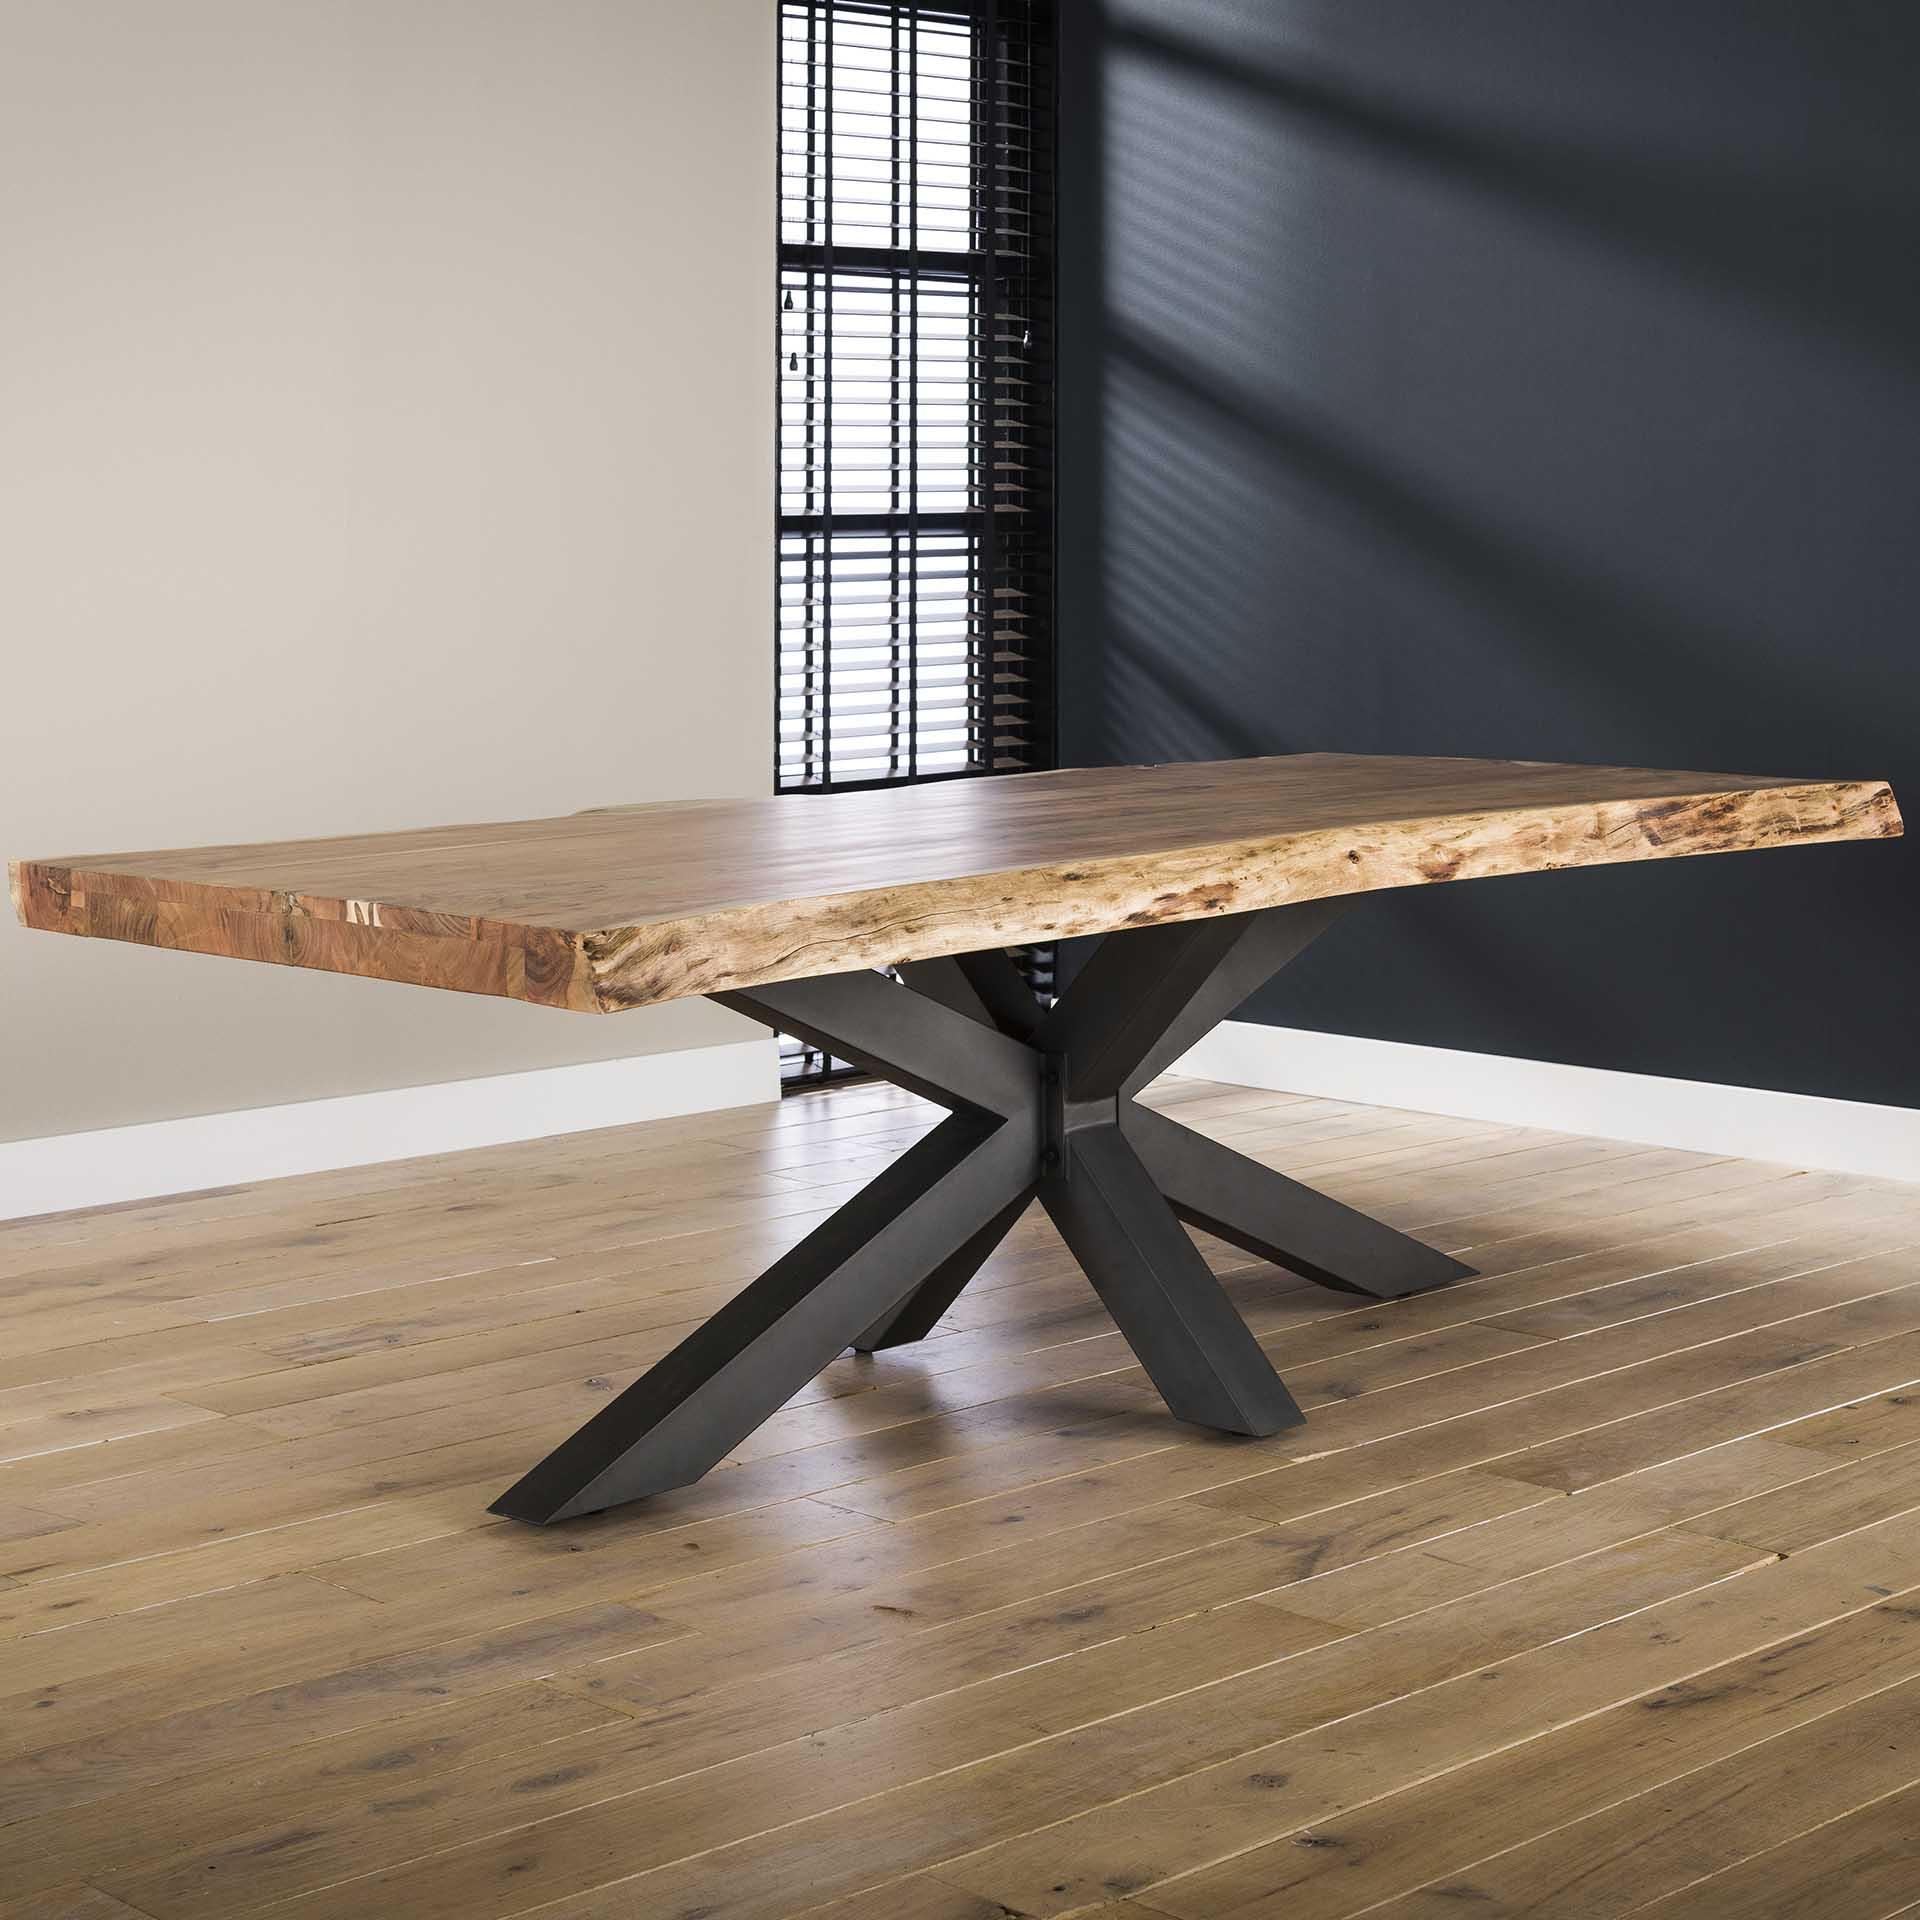 table salle a manger bois massif pied mikado 240 cm melbourne tables a manger pier import